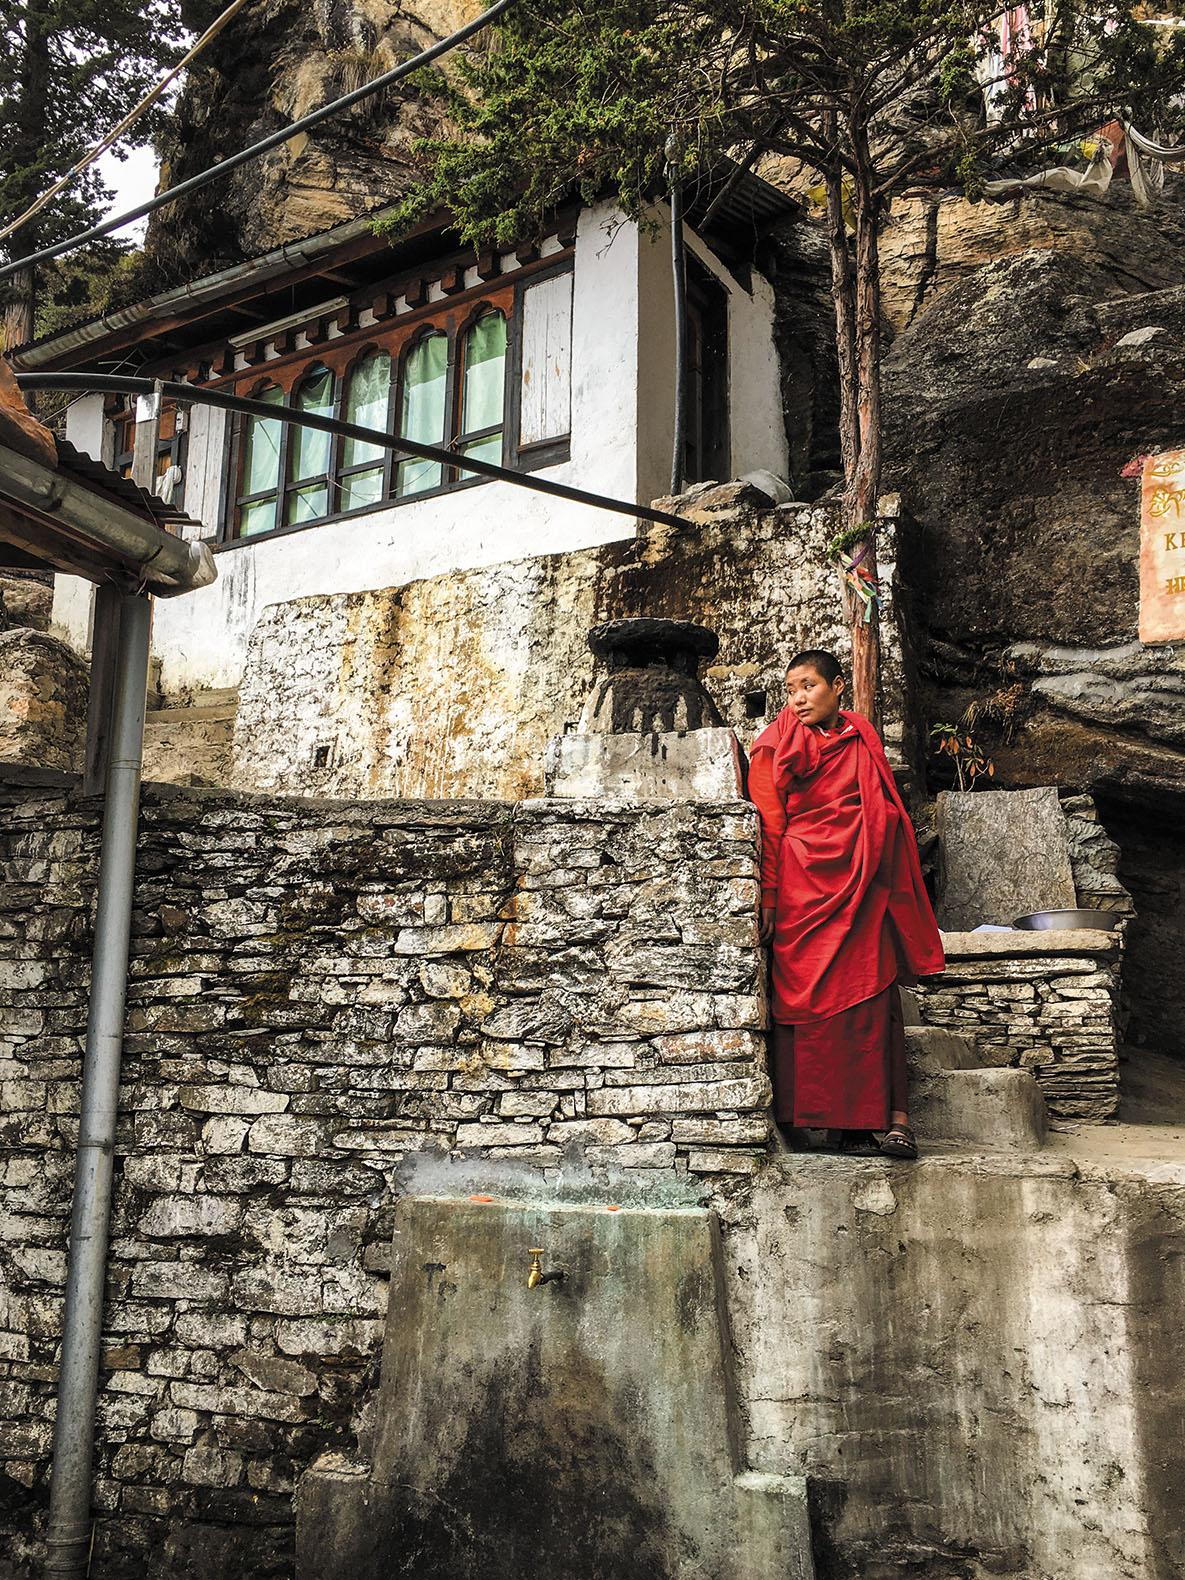 尼僧院にて。標高3000mにある尼僧院では10代の女子たちが学びと祈りに勤しんでいた。